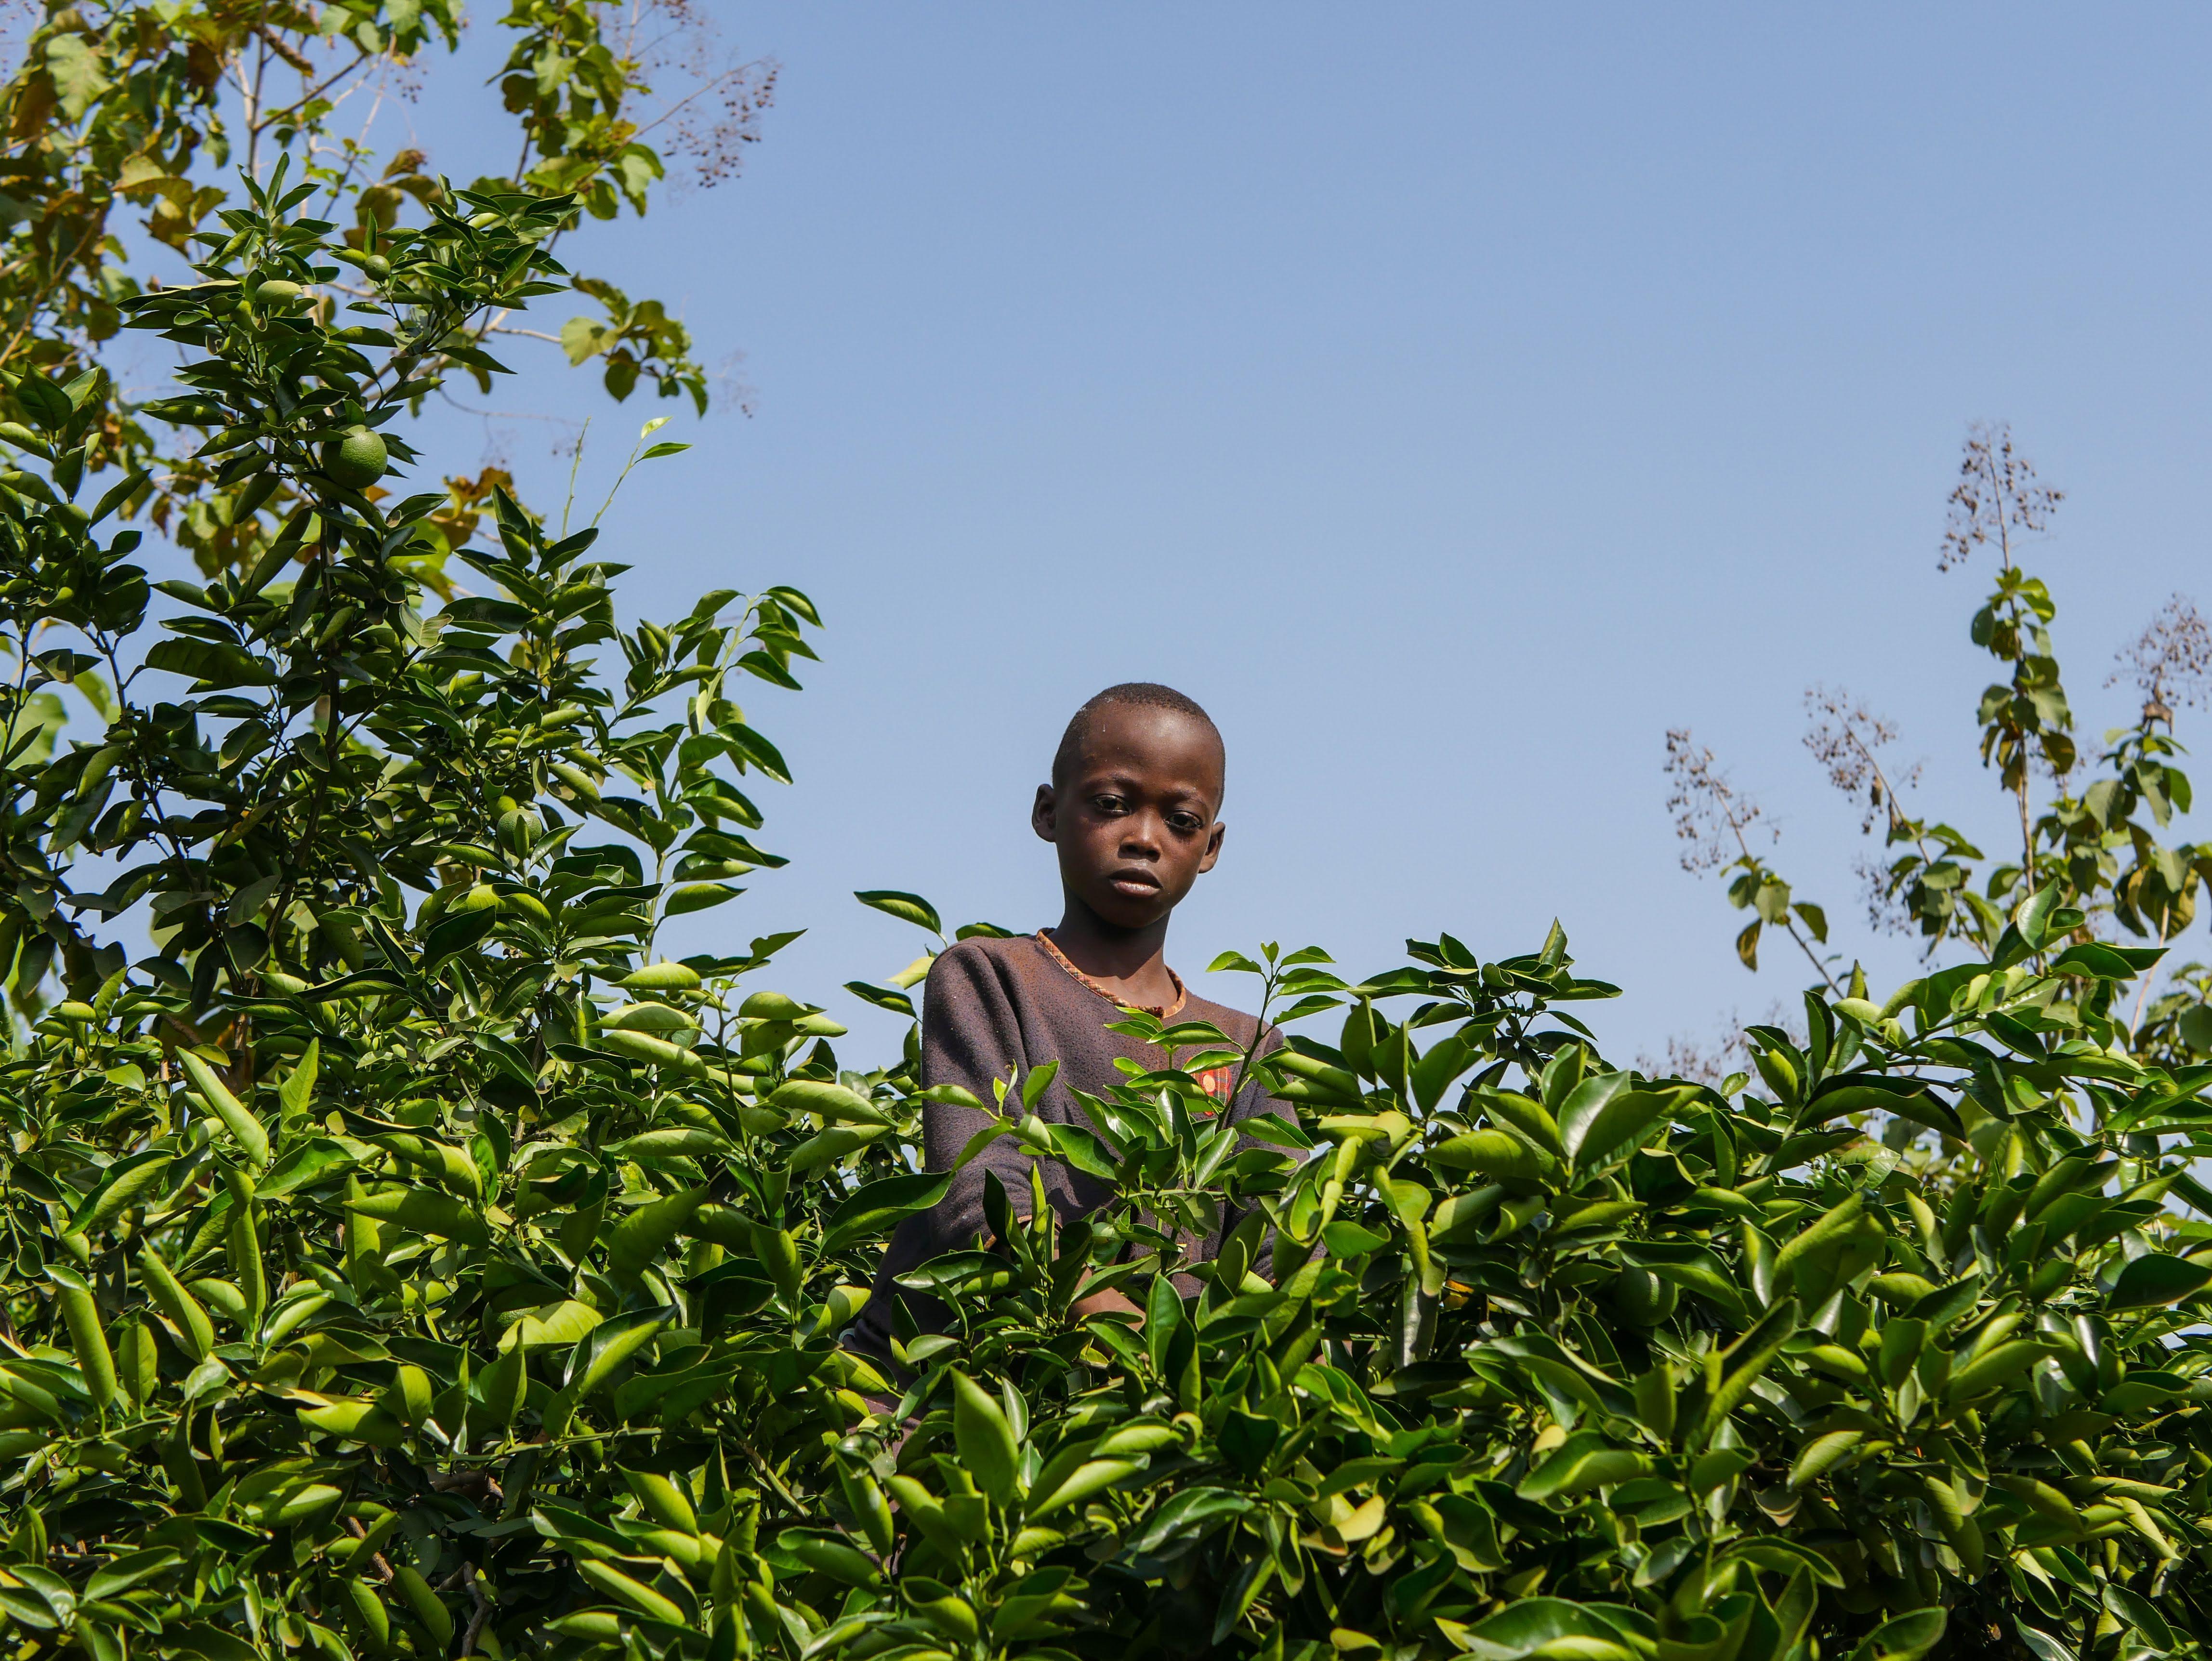 Congo : financez la rénovation d'un foyer qui accueille des enfants abandonnés.